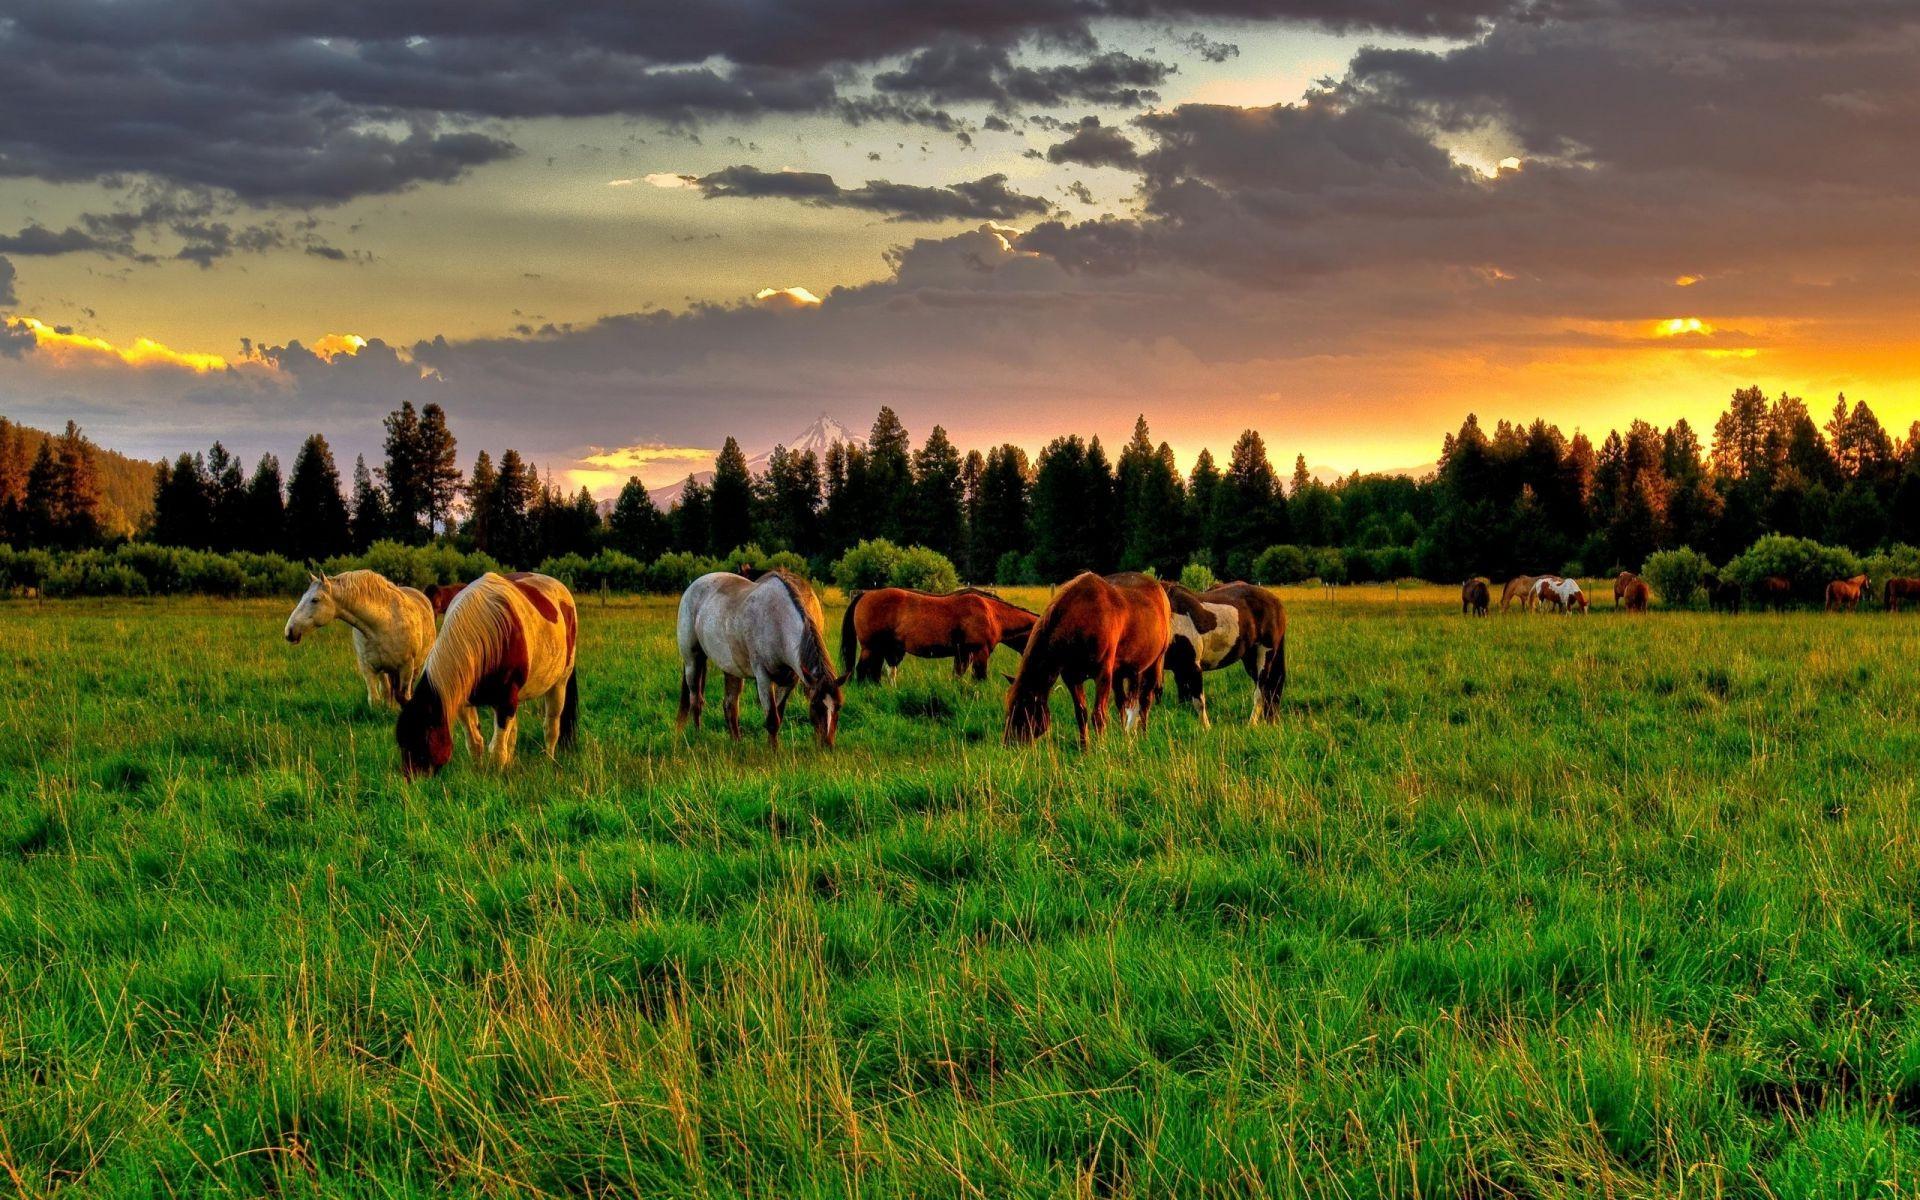 лошадь, трава, закат  № 2683 загрузить